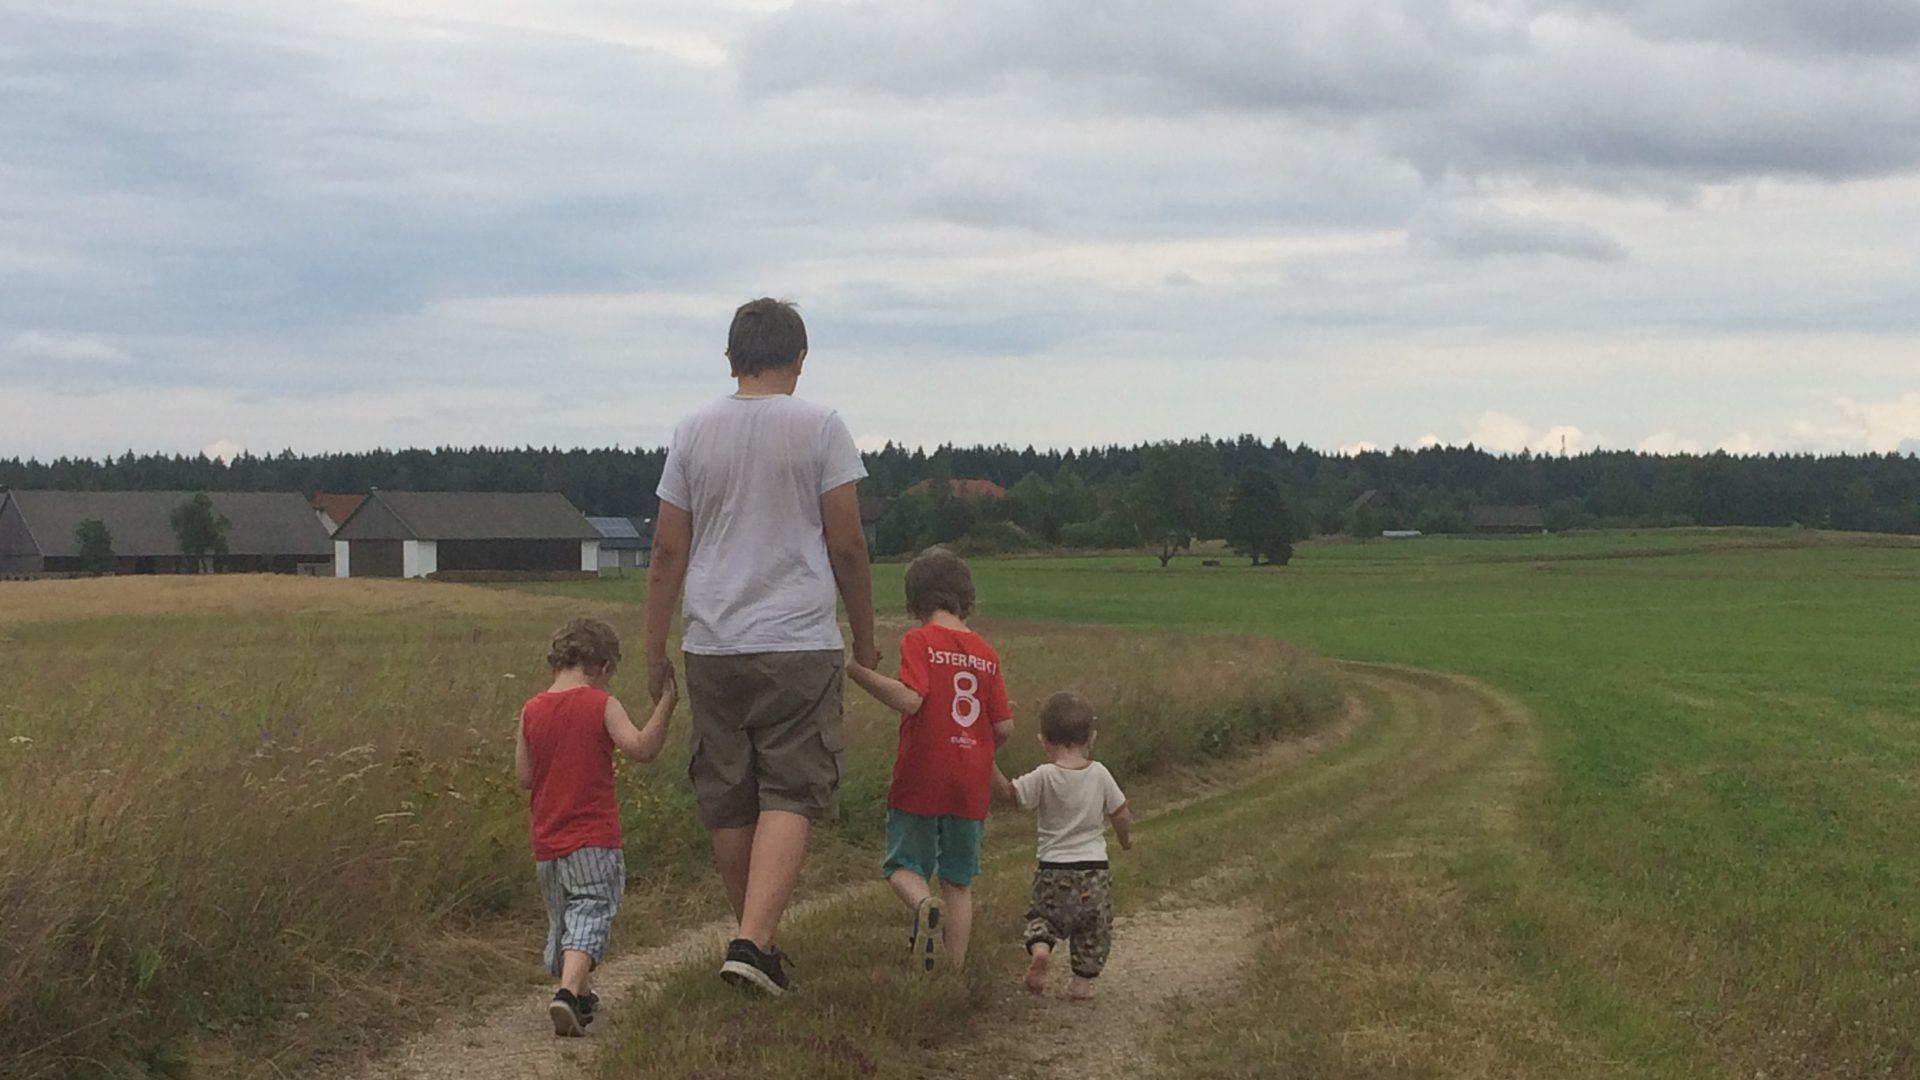 Leben mit kindern auf chaoshoch6 hier dreht sich alles for Minimalistisch leben mit kindern